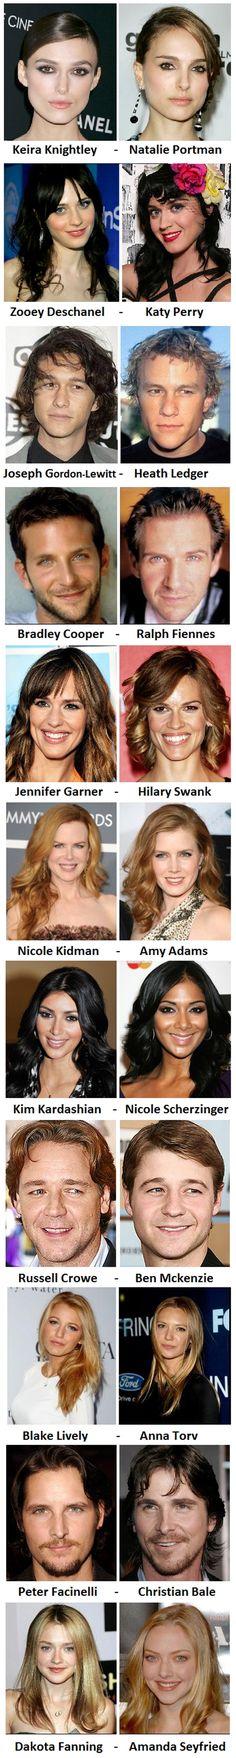 Amy - Wikipedia